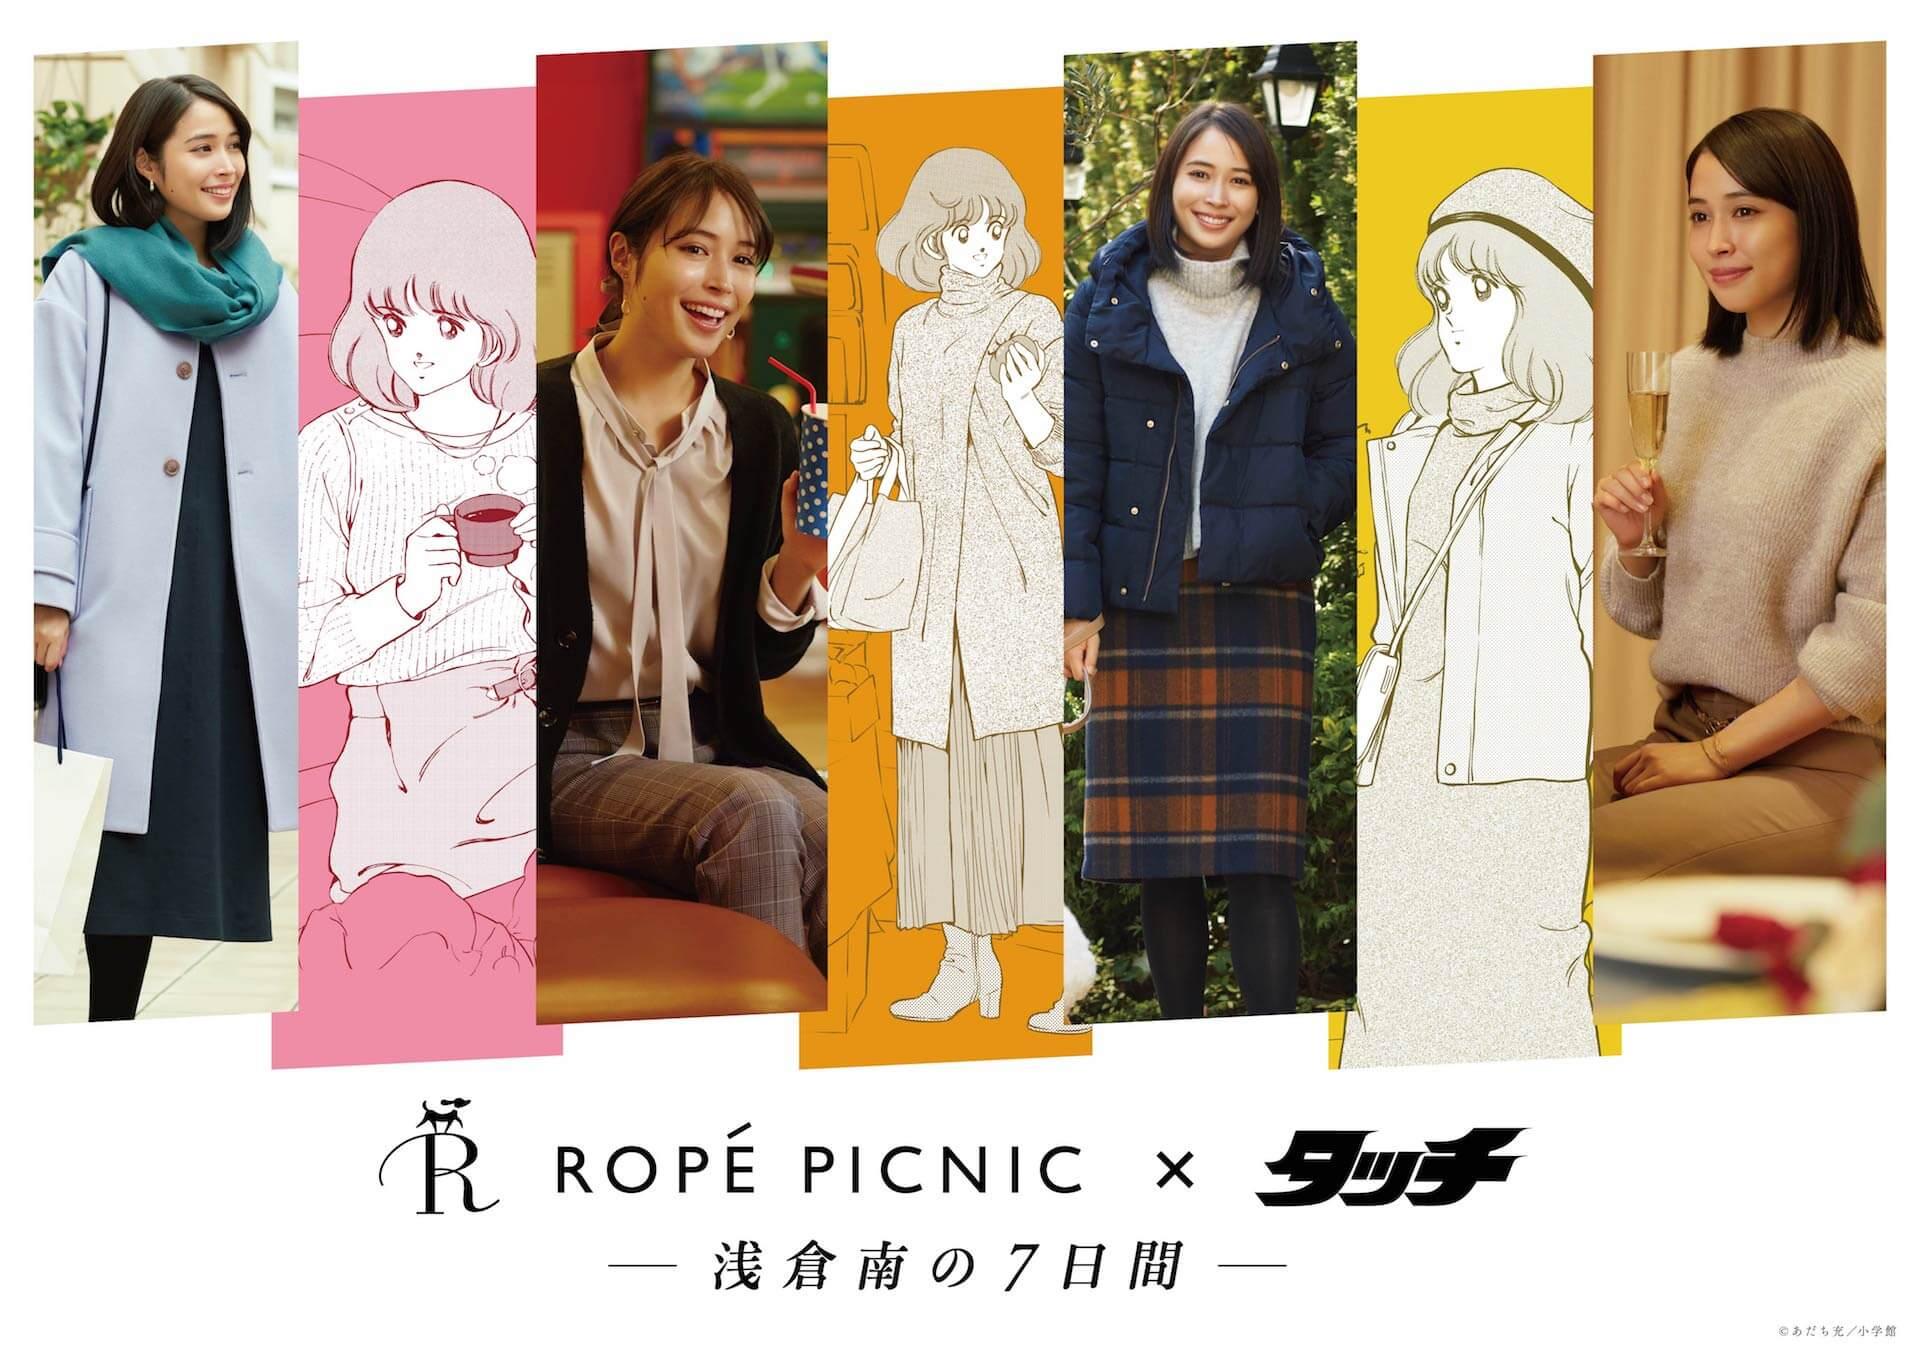 広瀬アリスが「タッチ」南ちゃんに!インタビューでは「かわいいにまっすぐ」なことについて語る life-fashion191125-ropepicnic-hirosealice-1